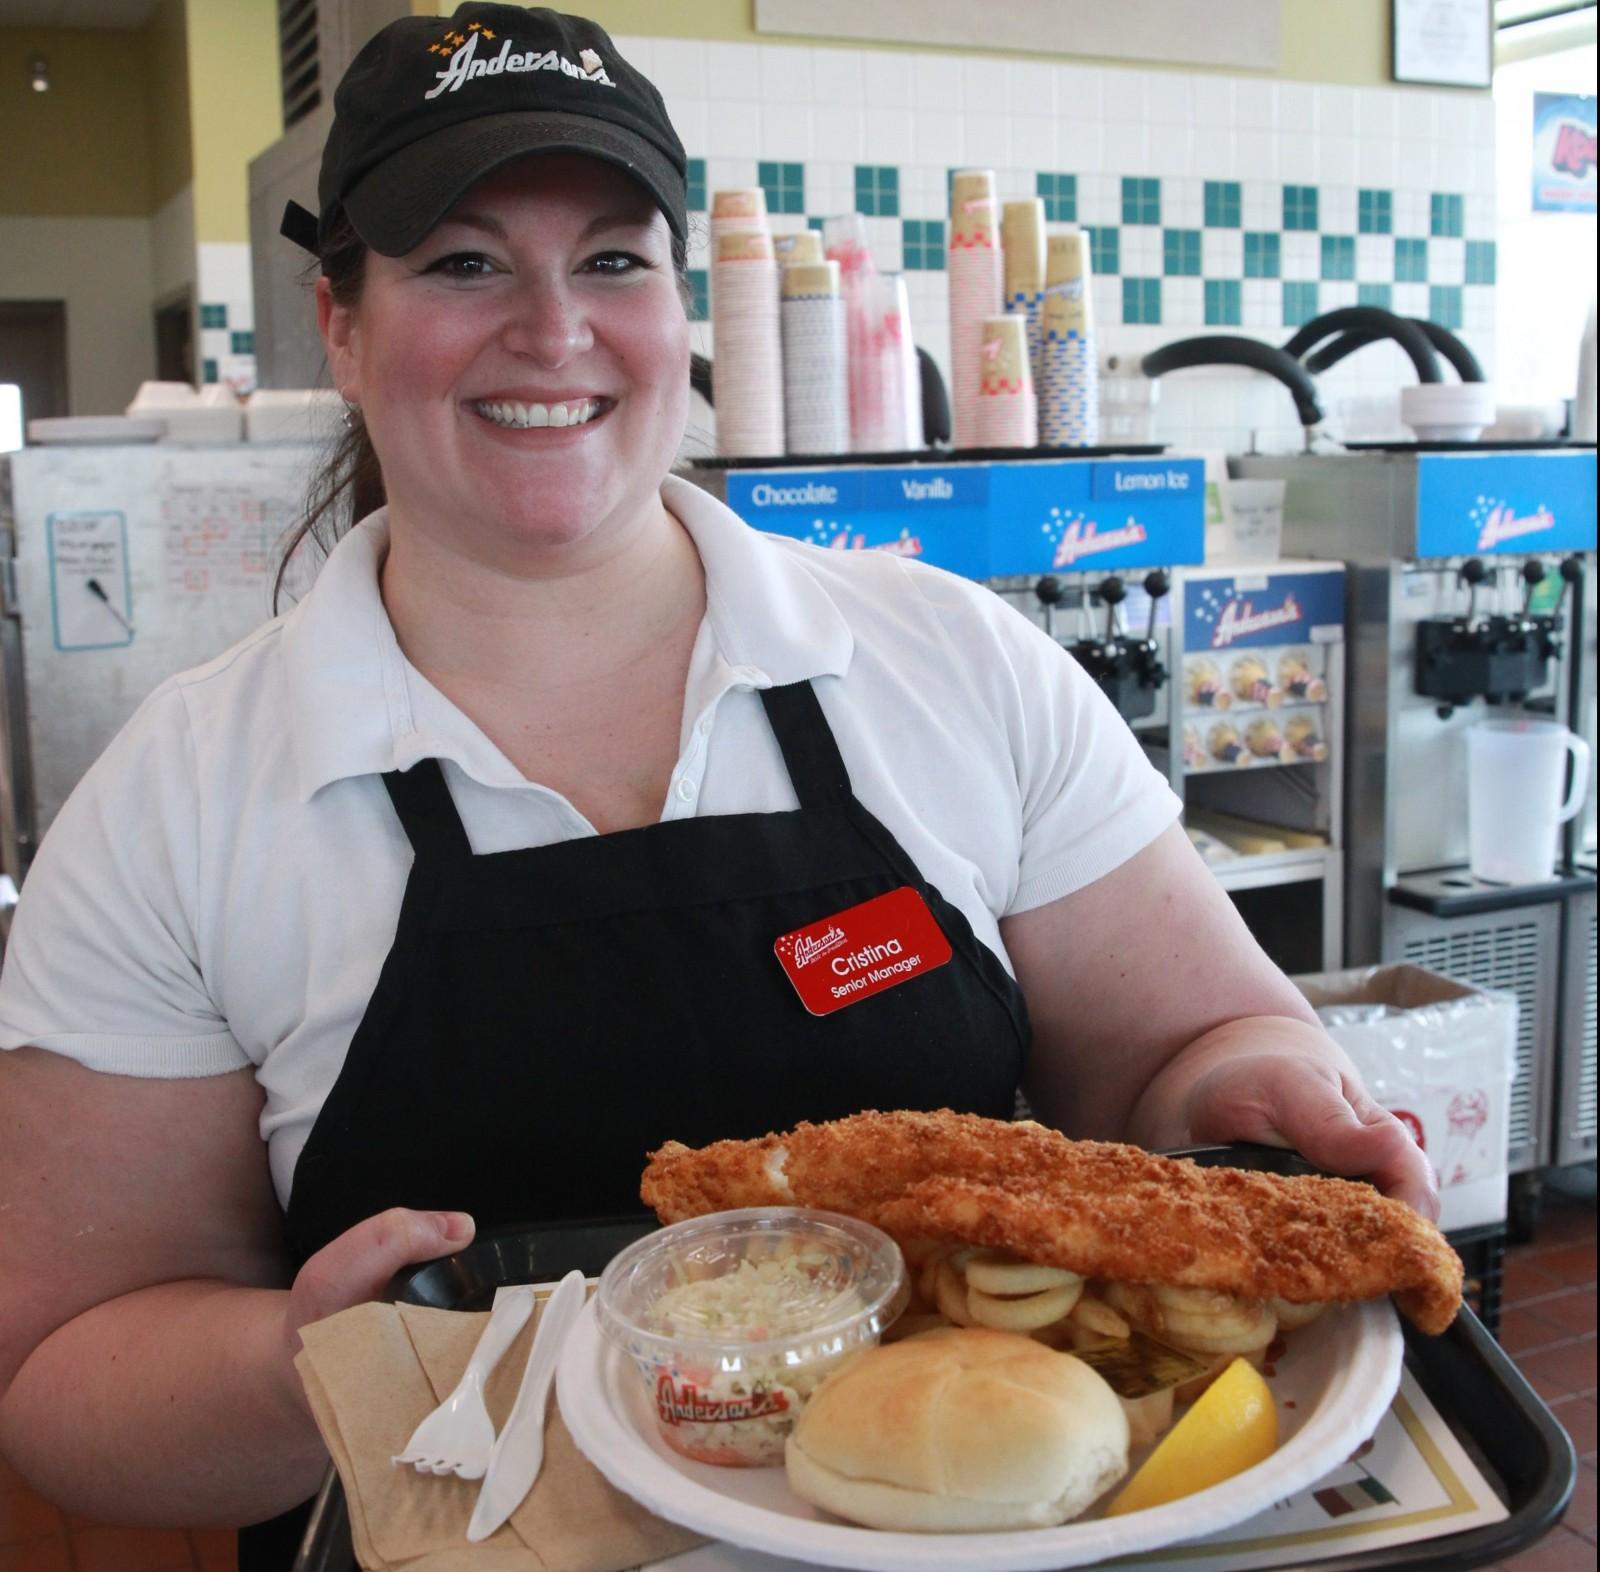 Cristina Anderson serves a fish fry at Anderson's in Cheektowaga. (John Hickey/Buffalo News)